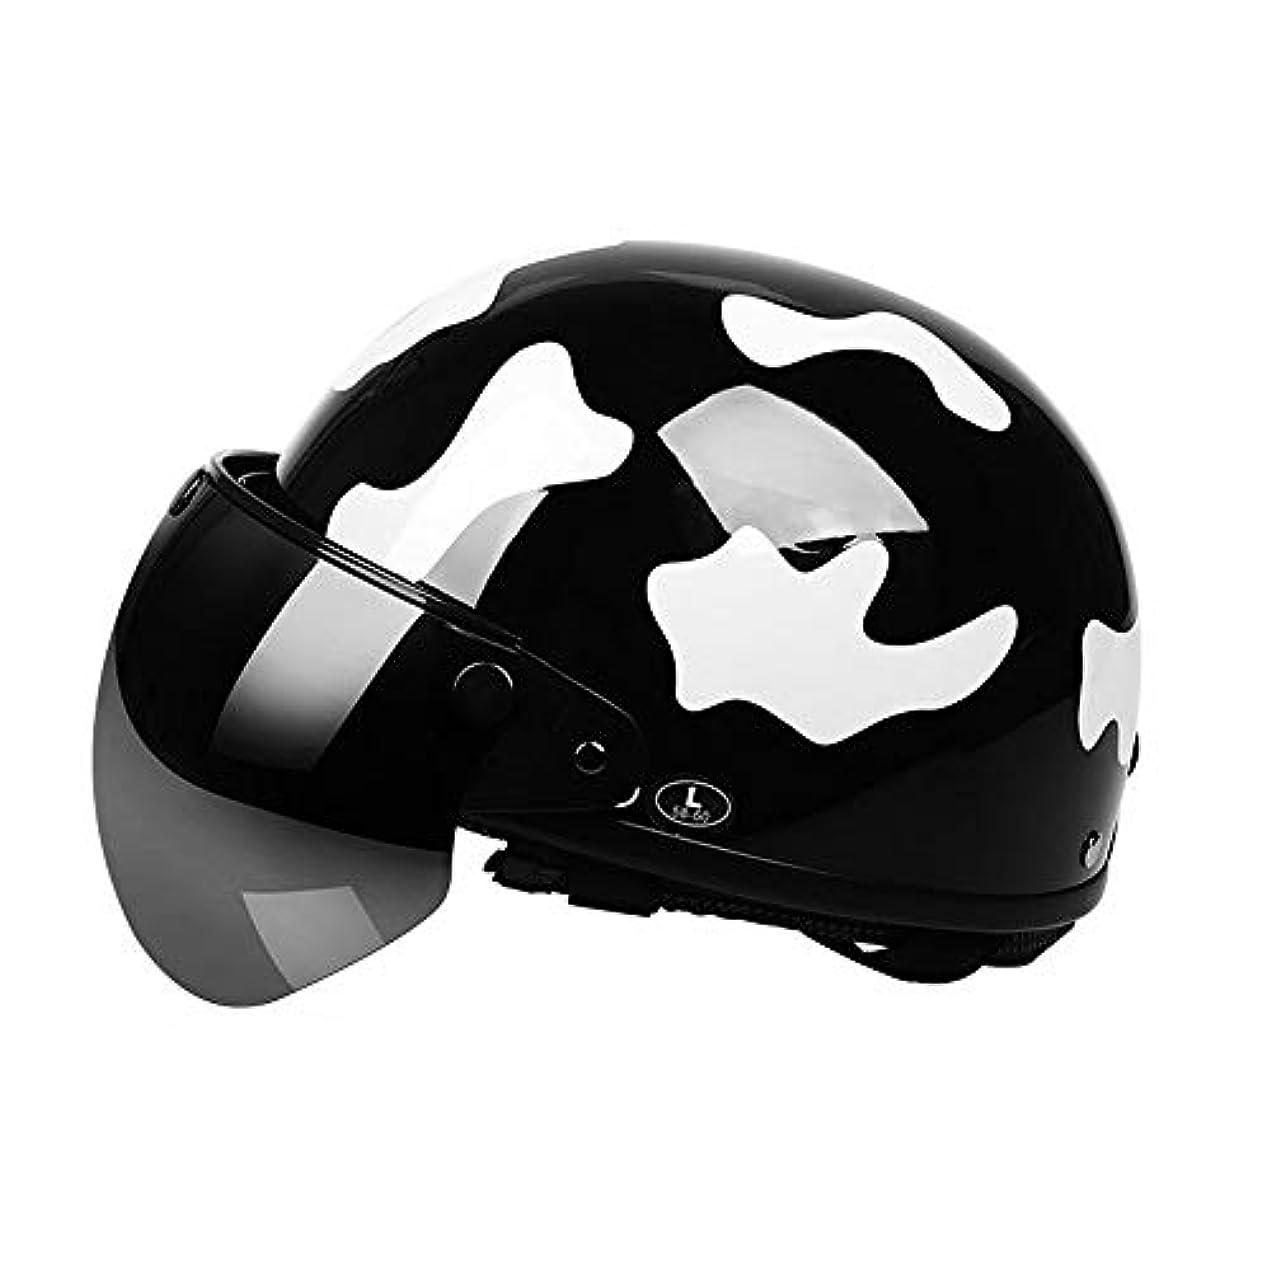 激怒選ぶ電子HYH 電動二輪車夏ヘルメット牛牛牛ハーレーヘルメット四季普遍的なヘルメットファッション人格ヘルメット いい人生 (色 : Bubble mirror, Size : M)